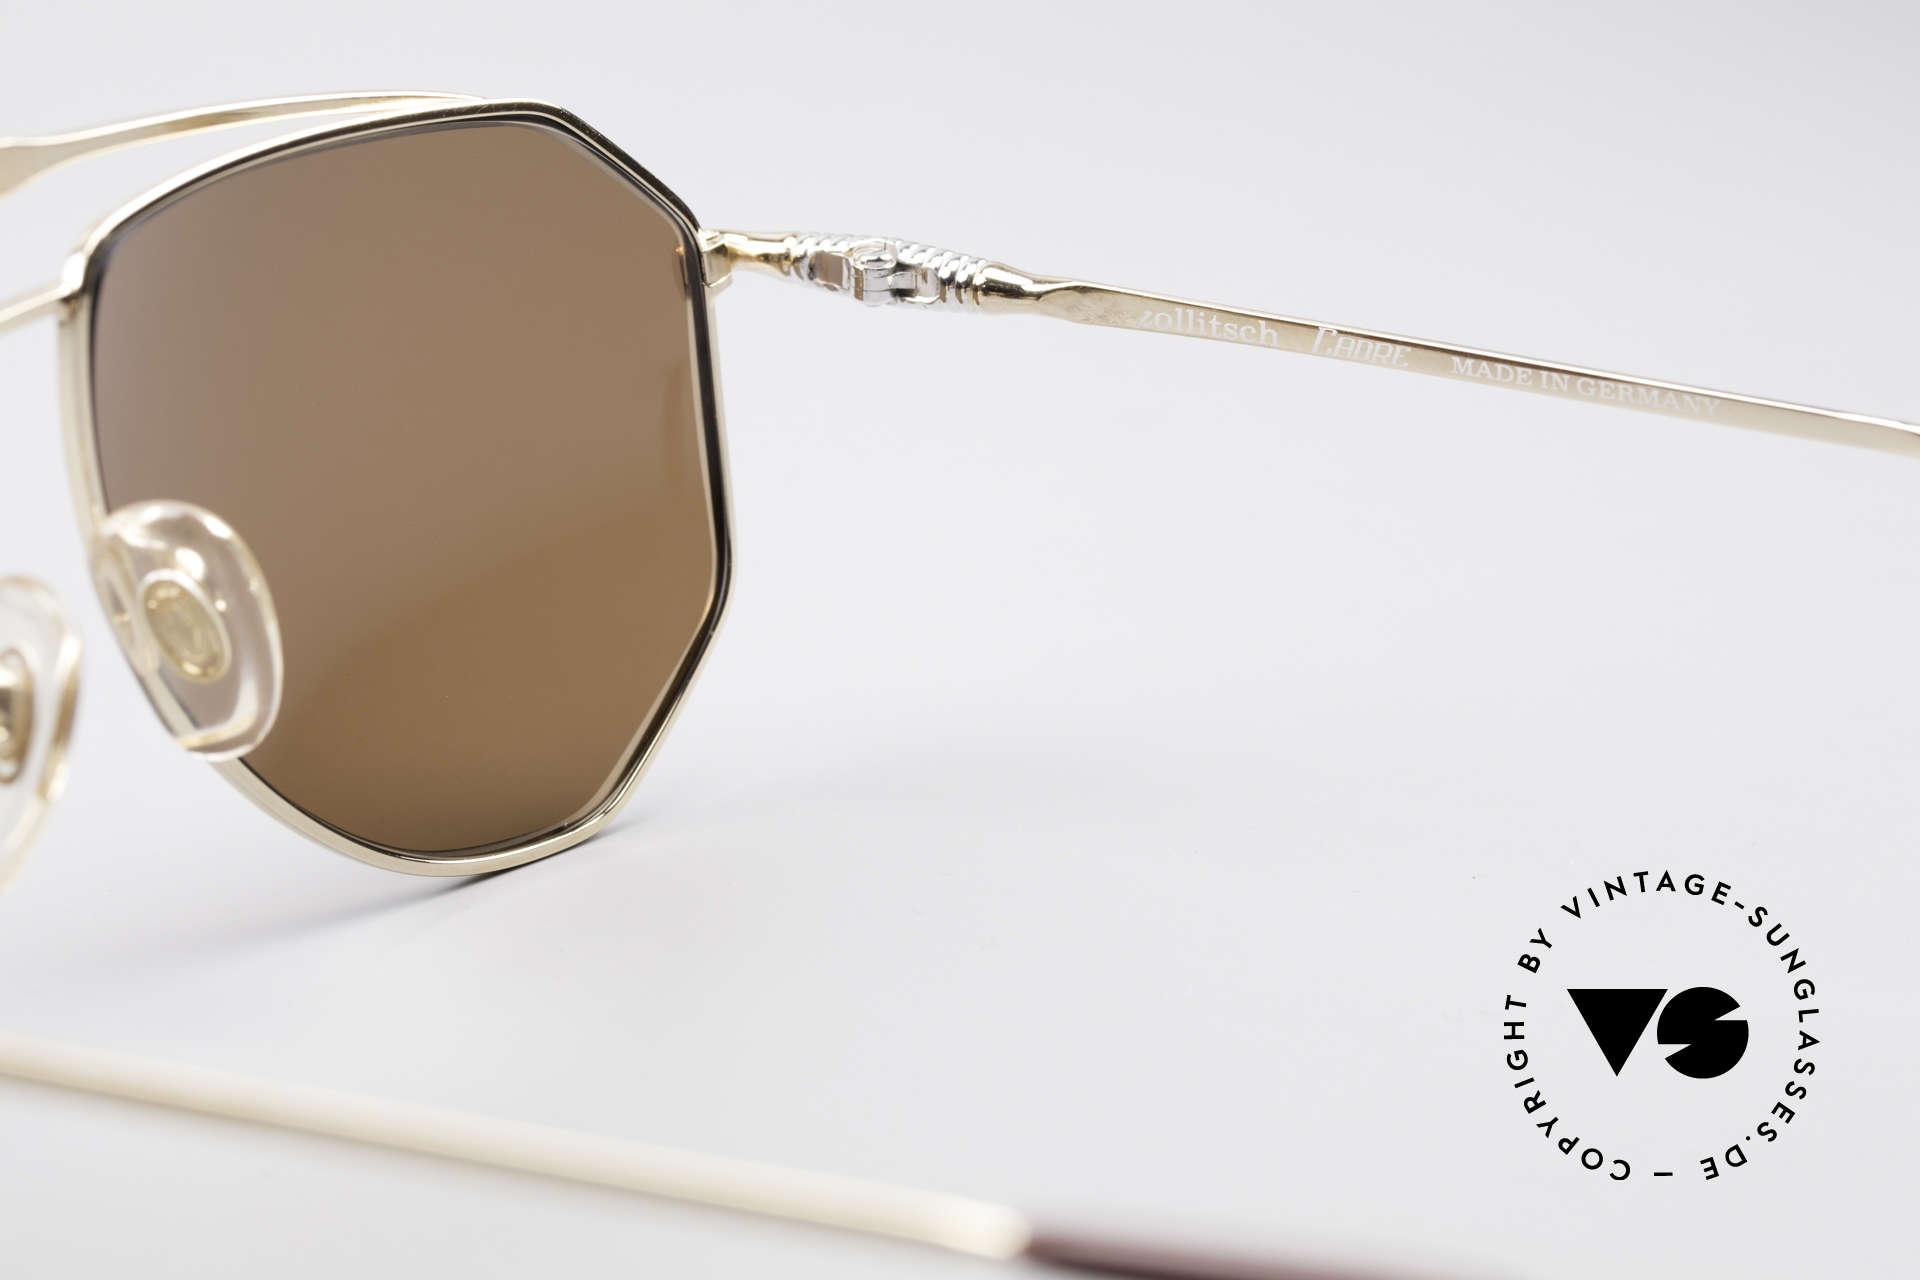 Zollitsch Cadre 120 Medium 80er Sonnenbrille, Größe: medium, Passend für Herren